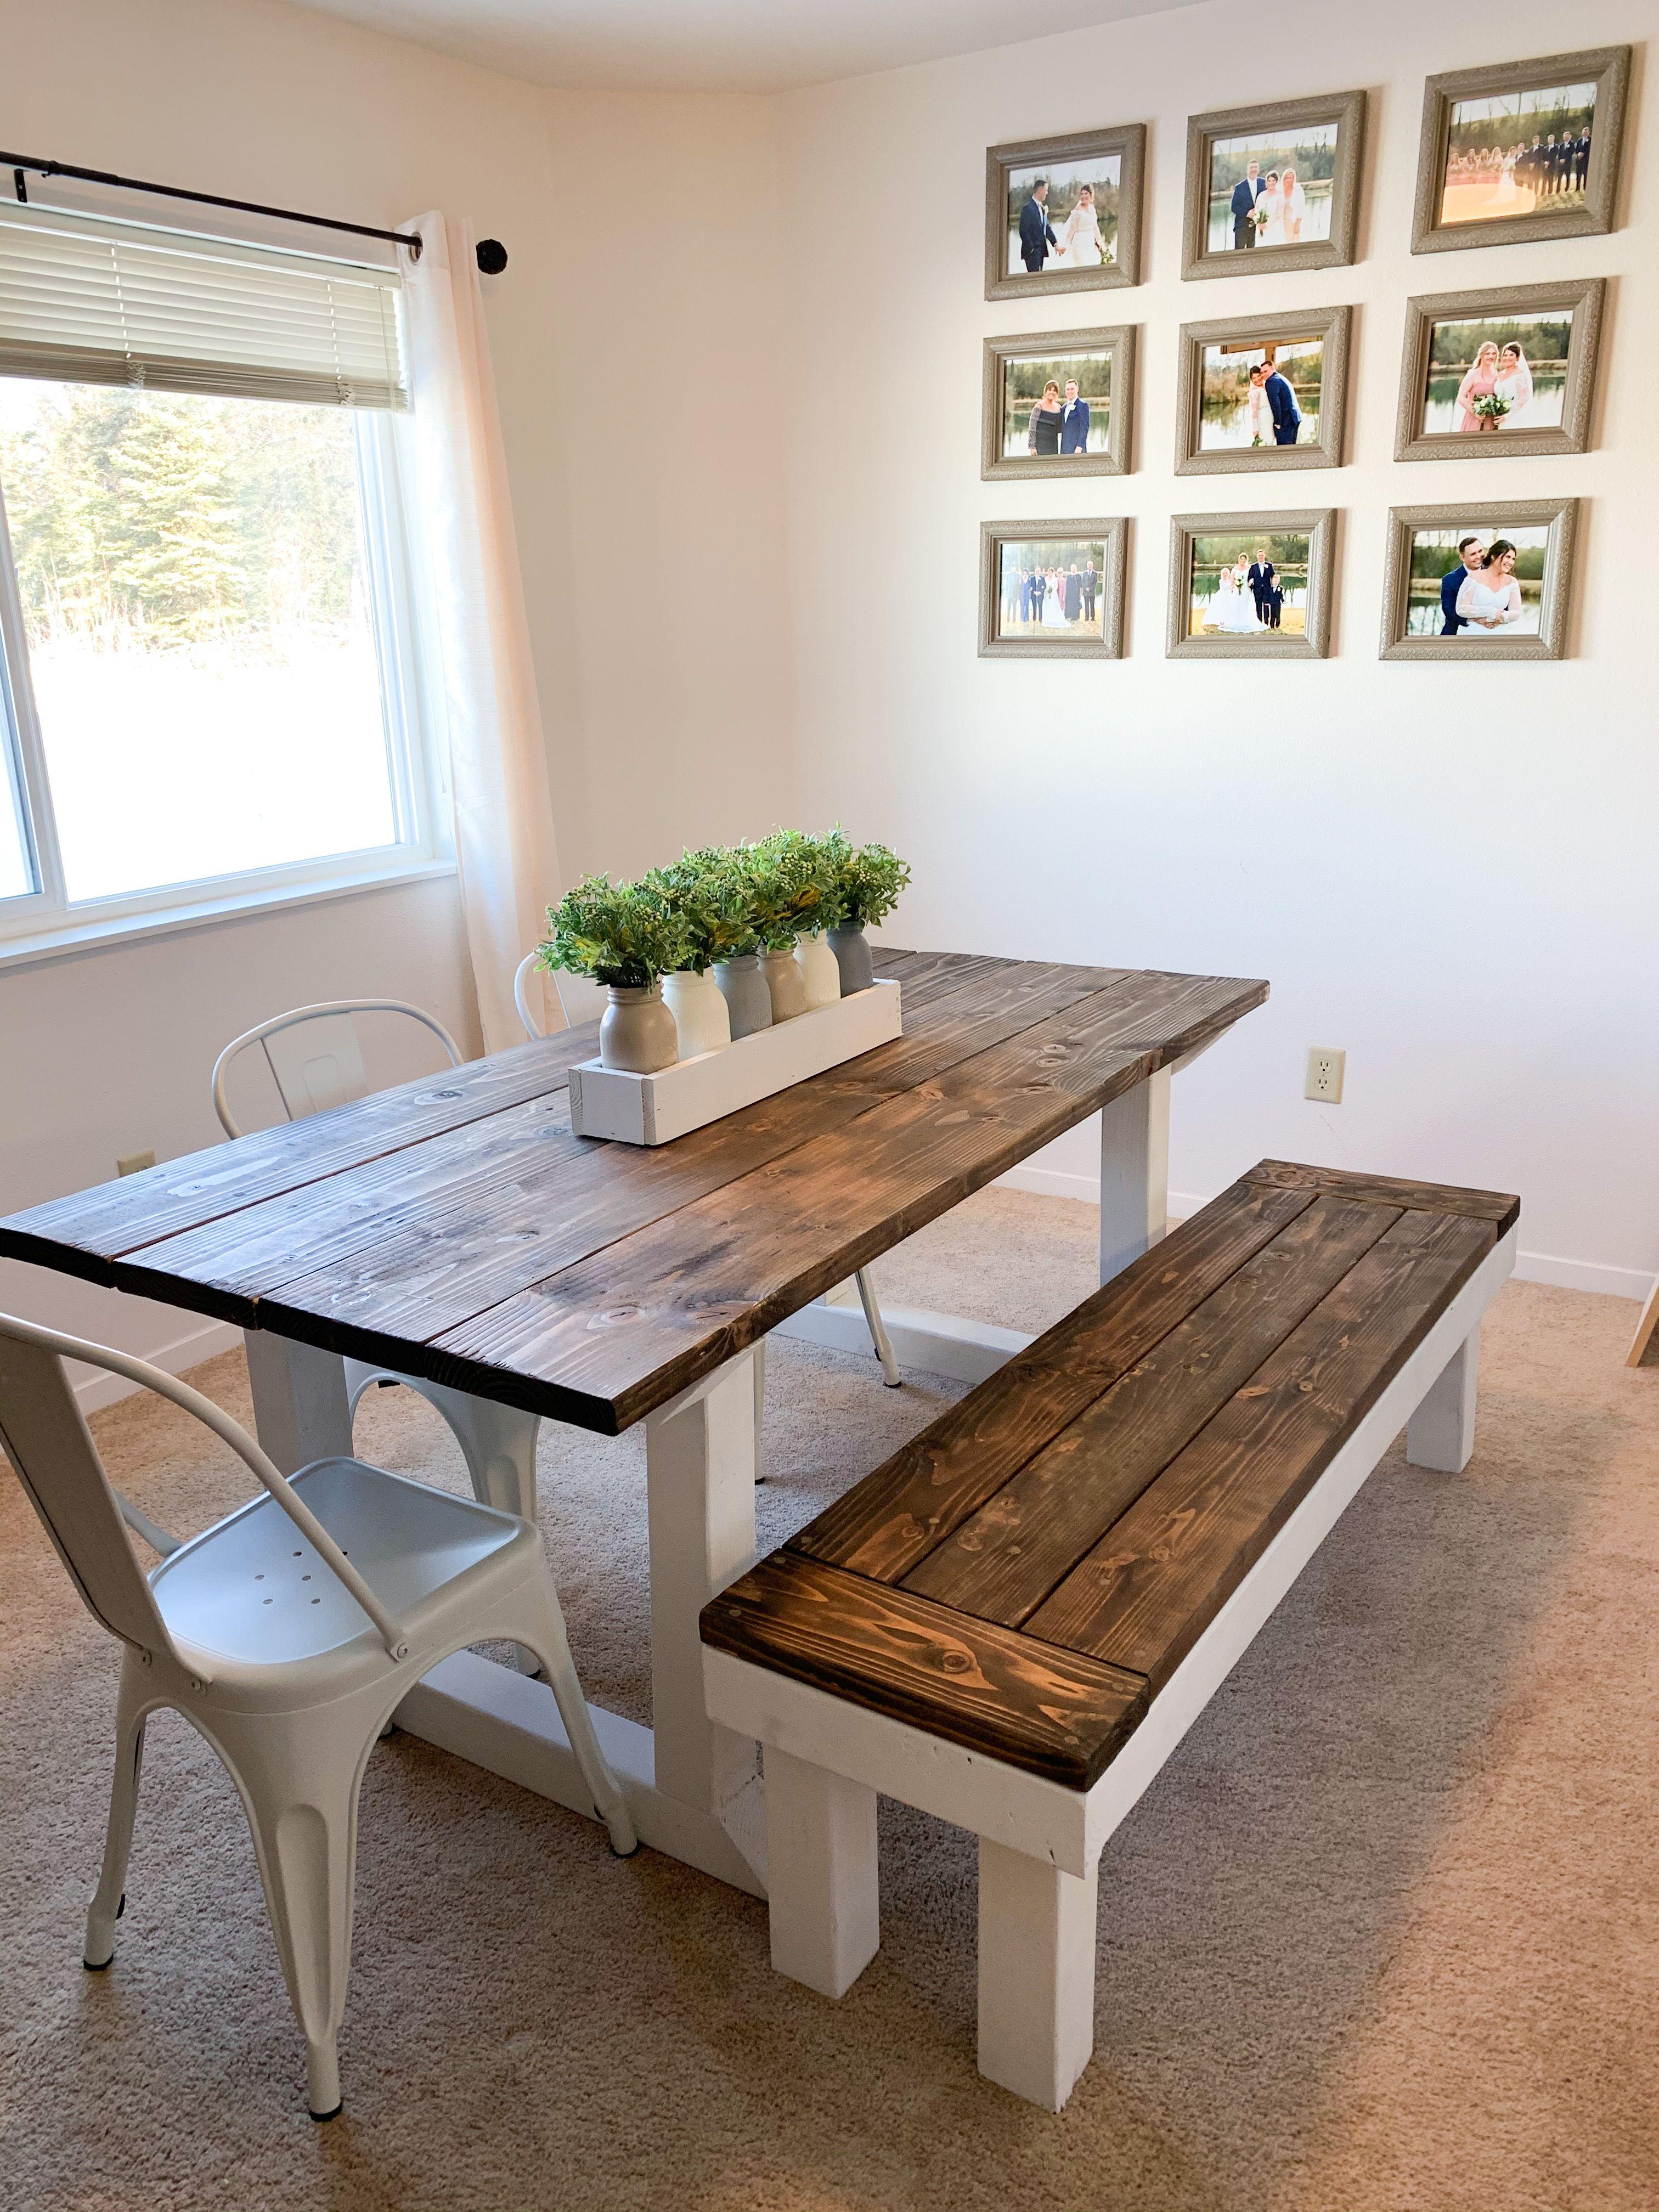 Farmhouse Dining Table And Bench Farmhouse Dining Table Farmhouse Dining Rustic Dining Table